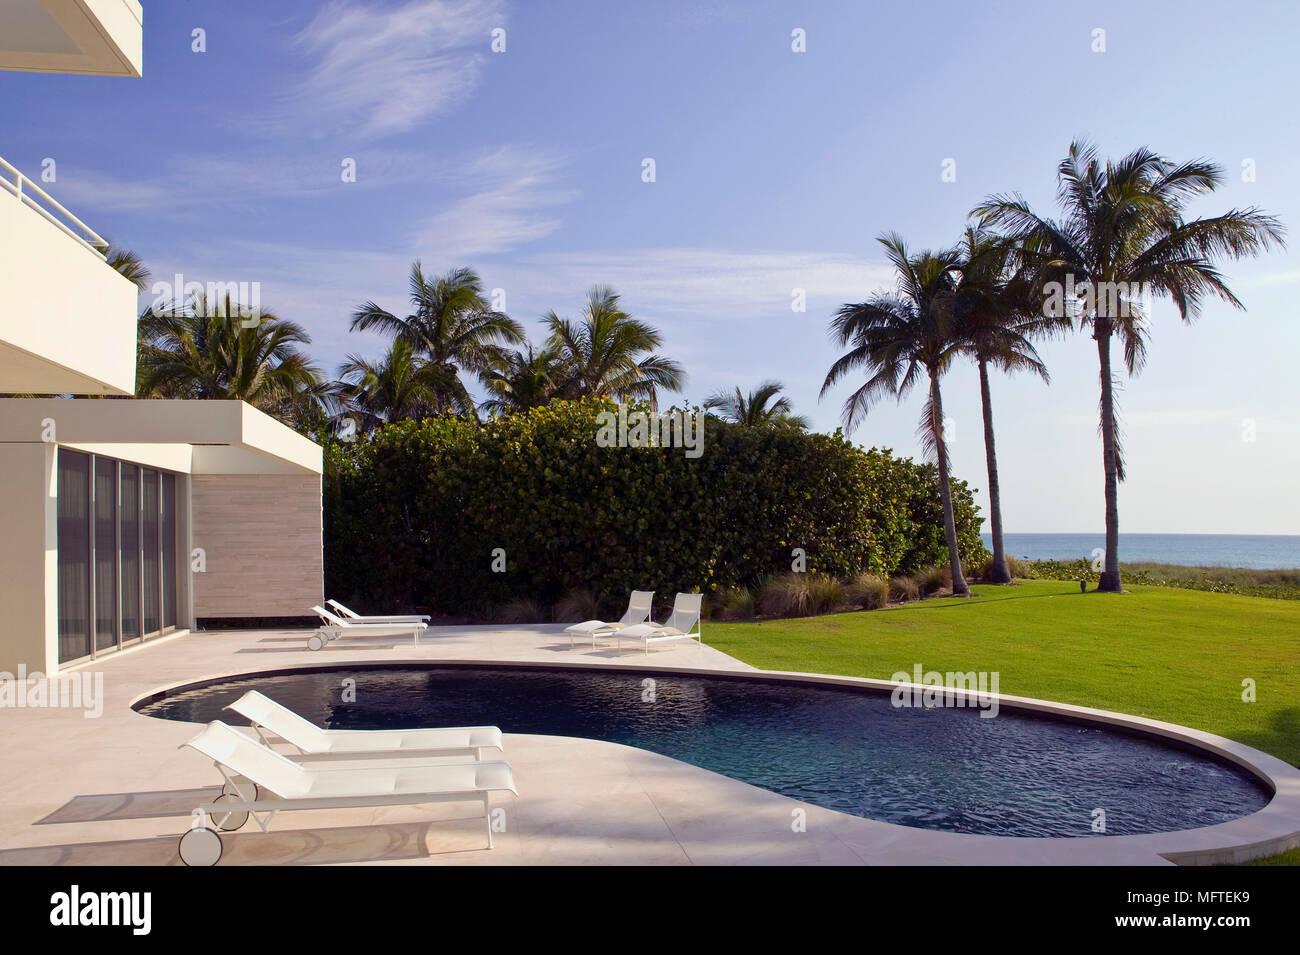 Von außen ein modernes Haus mit Schwimmbad Stockfoto, Bild ...